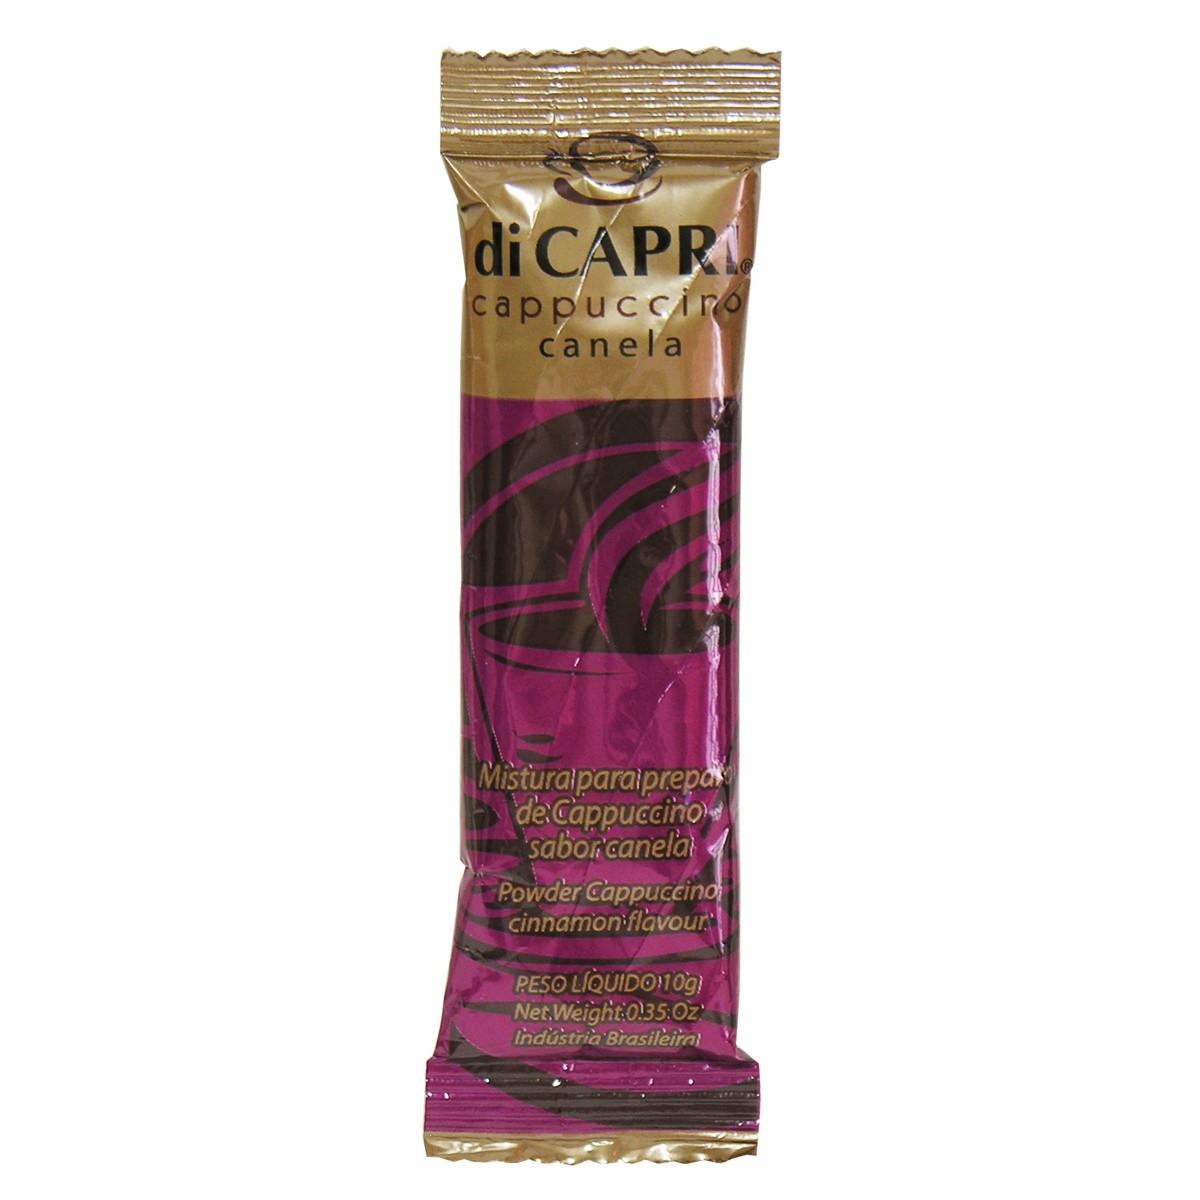 Cappuccino Canela di Capri - 100 unidades